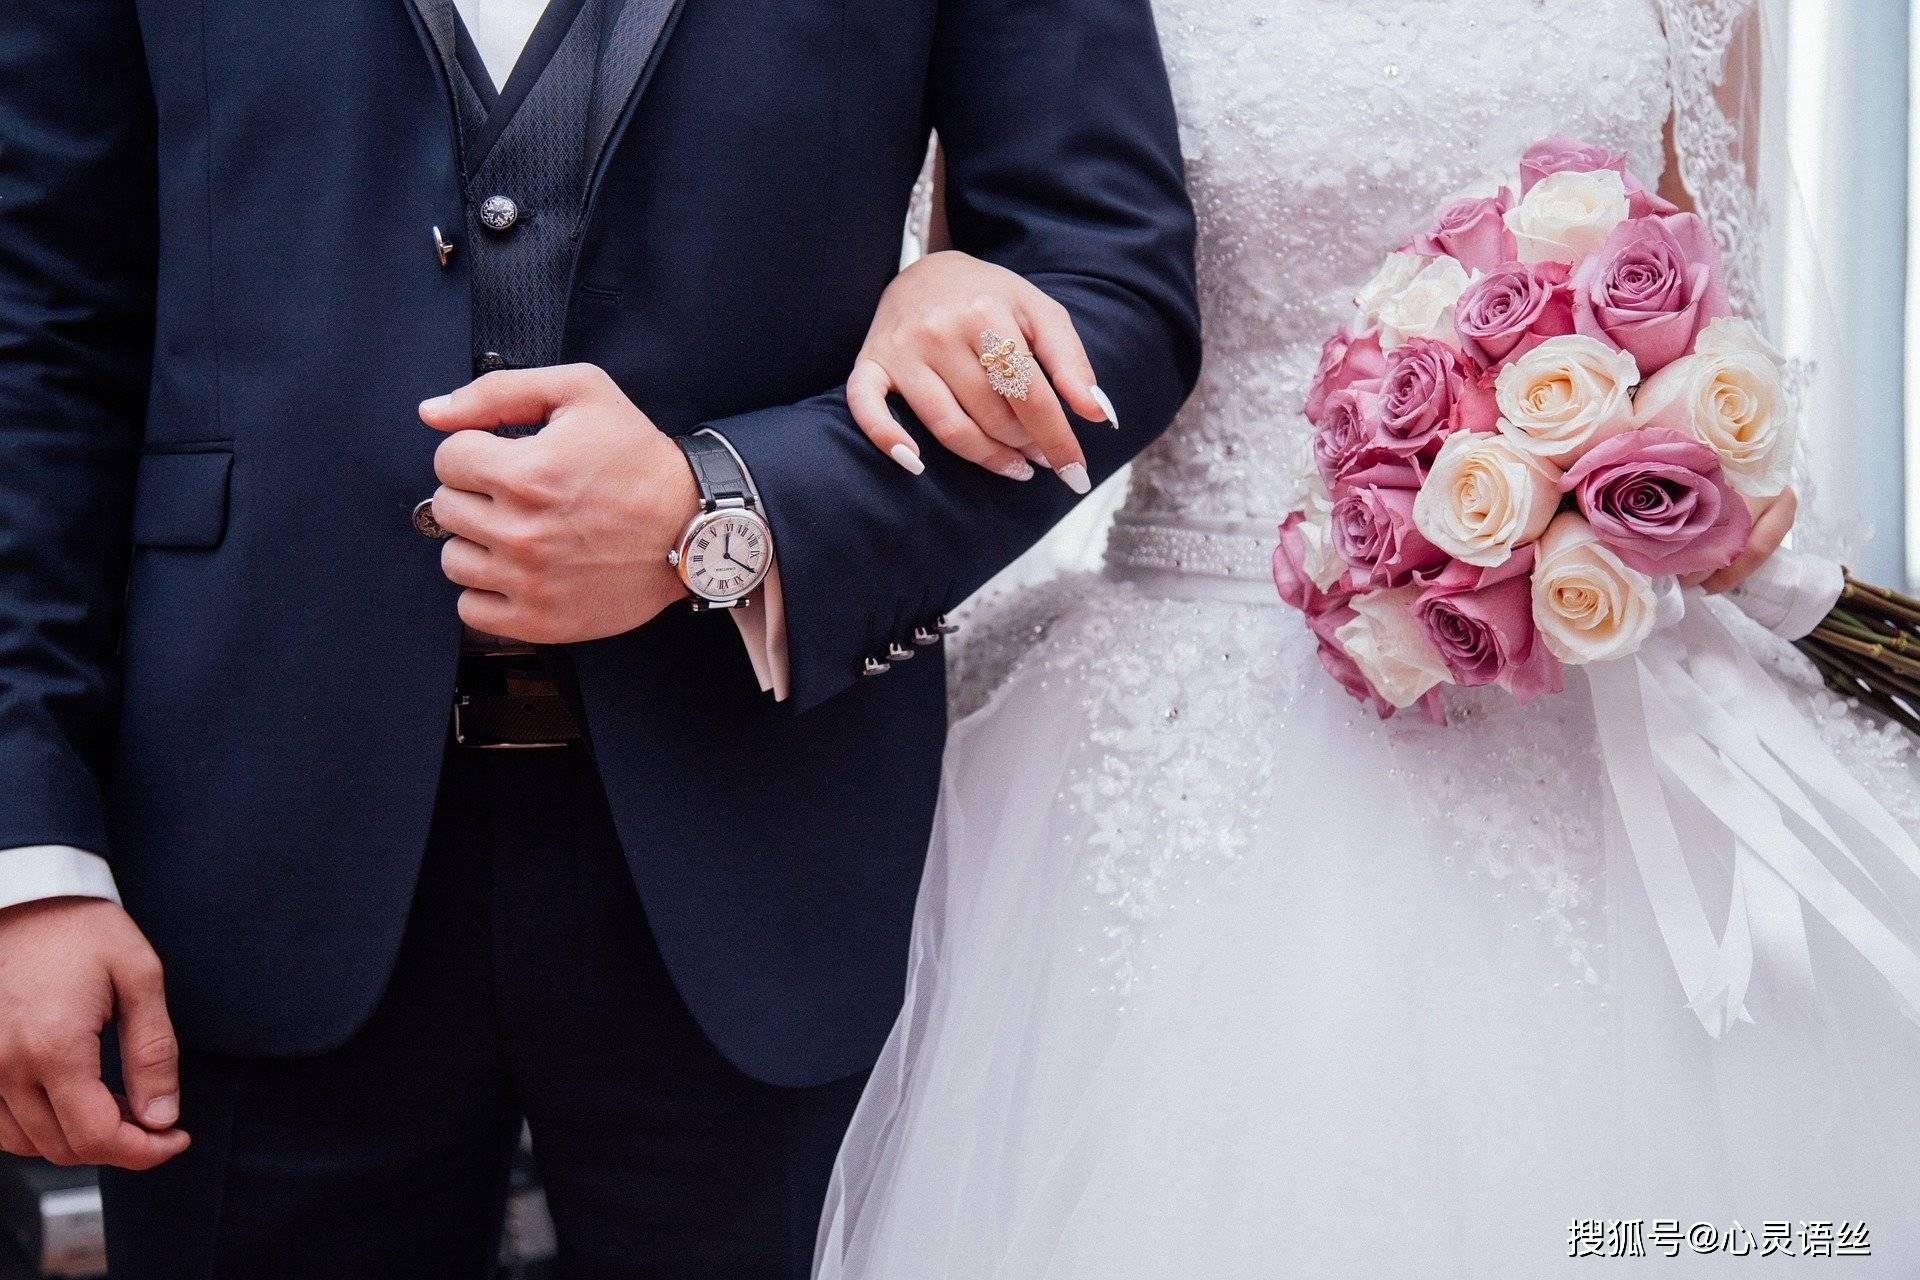 为什么我登记结婚后,就对其他女孩没有了兴趣? 婚检免费是结婚登记前还是登记后